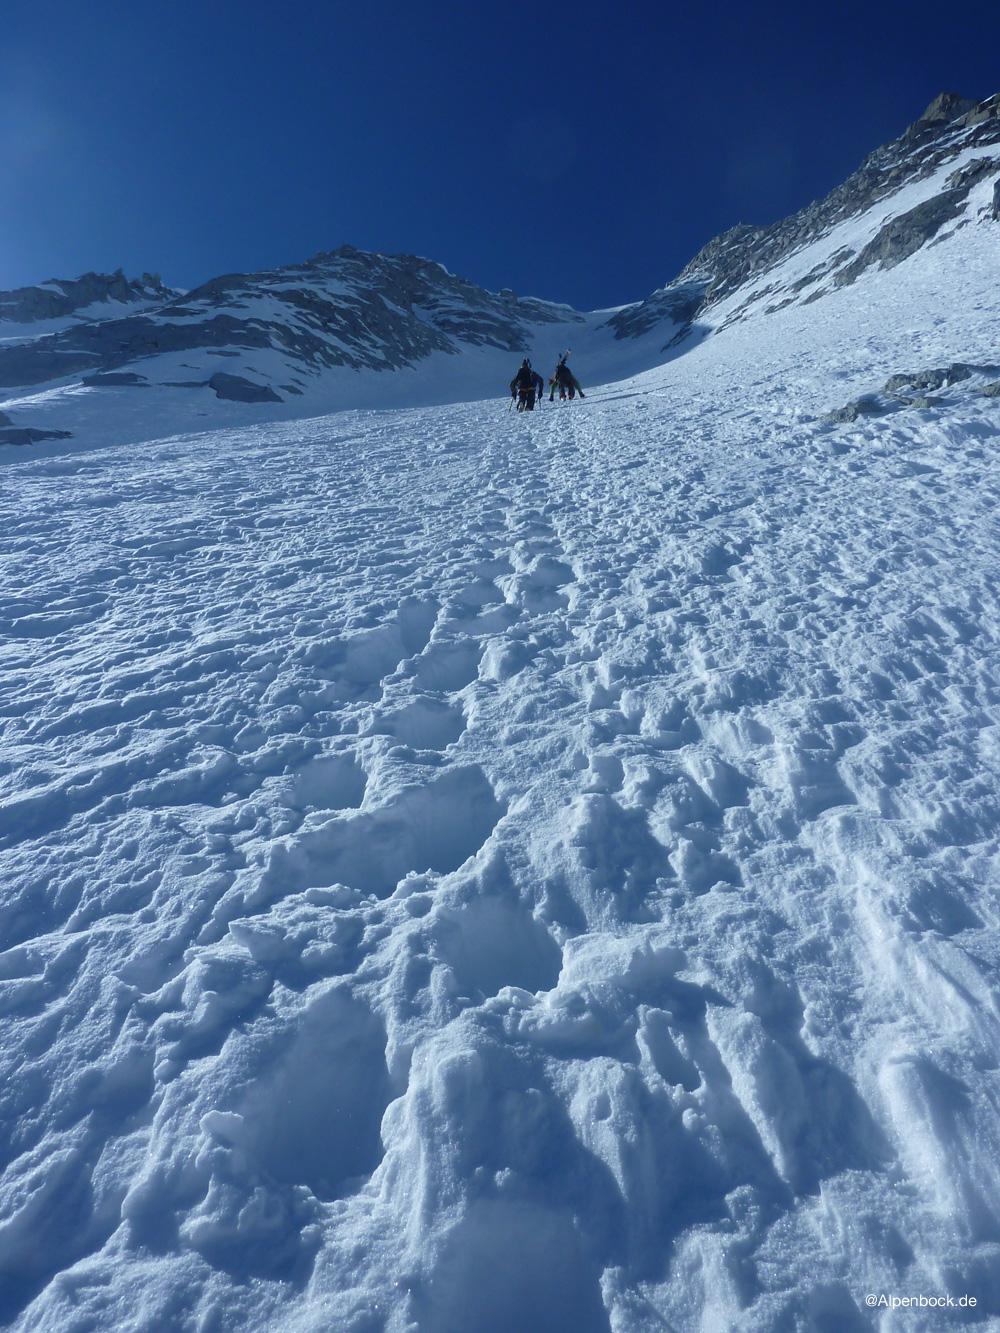 Der noch gut pulvirge Schnee im unteren Teil lässt auf eine feine Abfahrt hoffen.